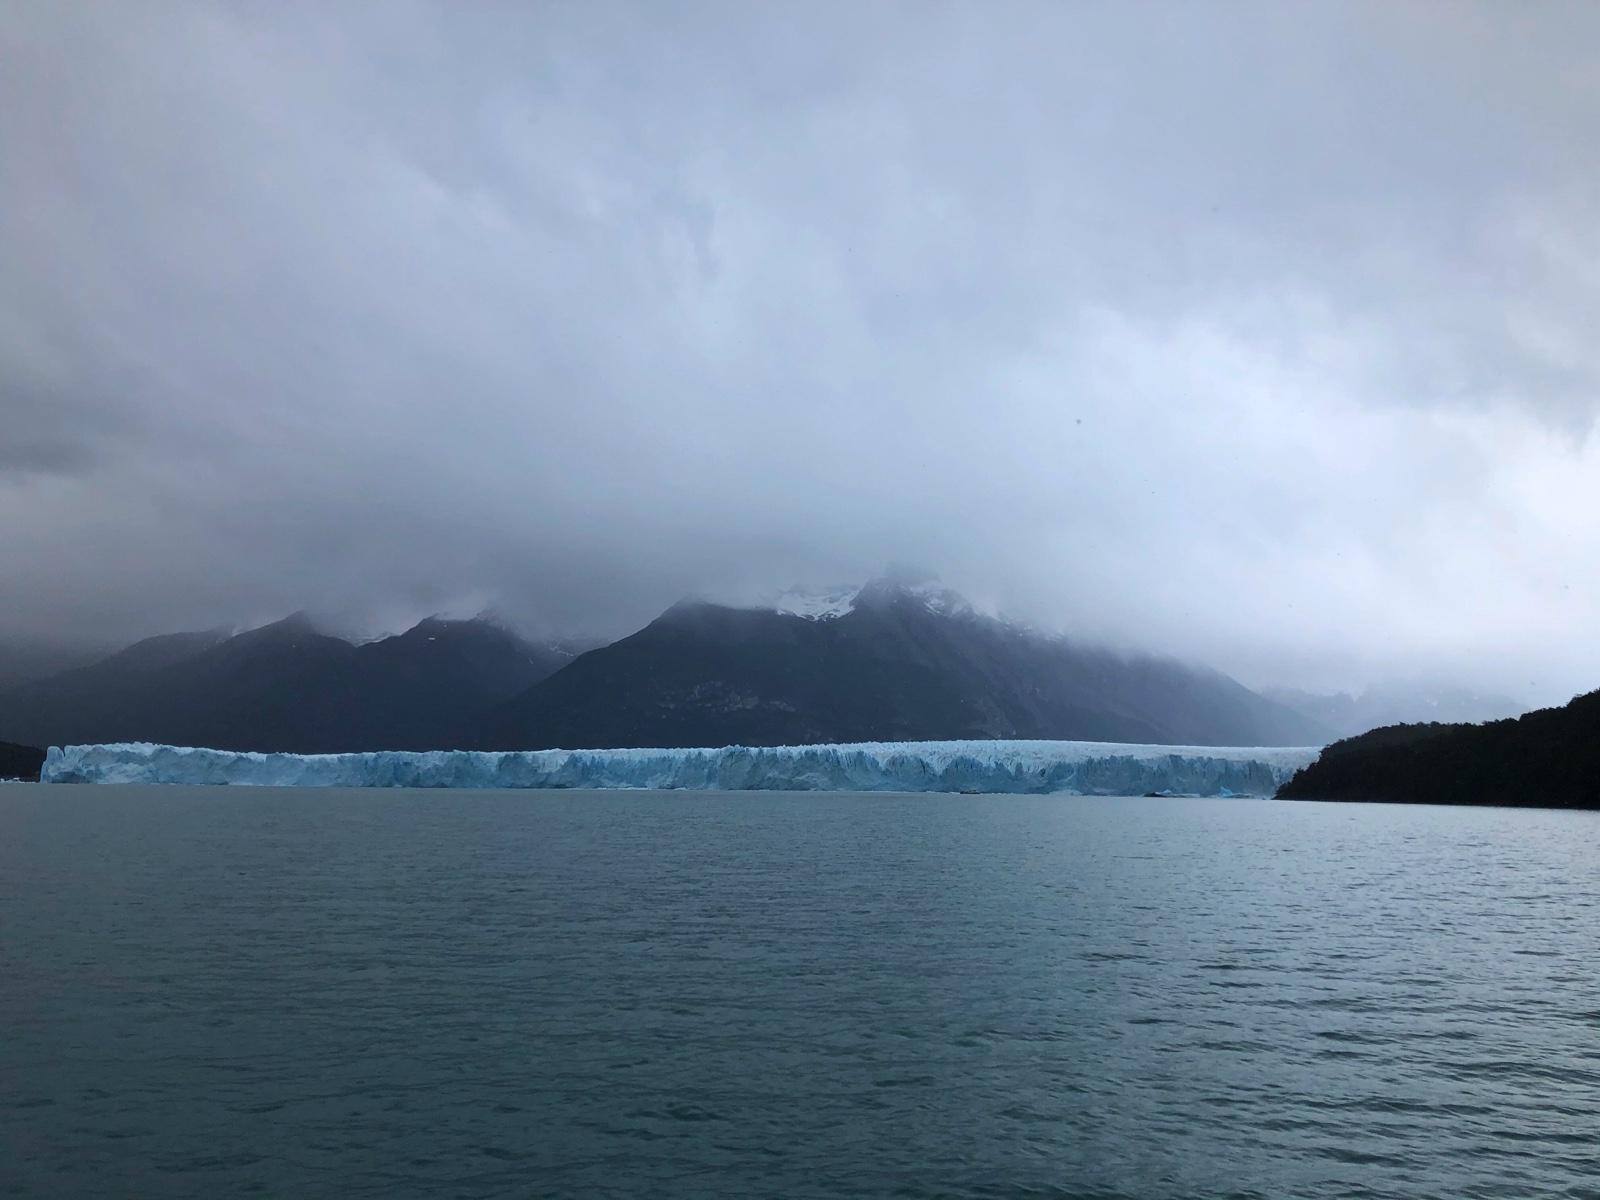 Anfahrt auf die südliche Zunge des Gletschers